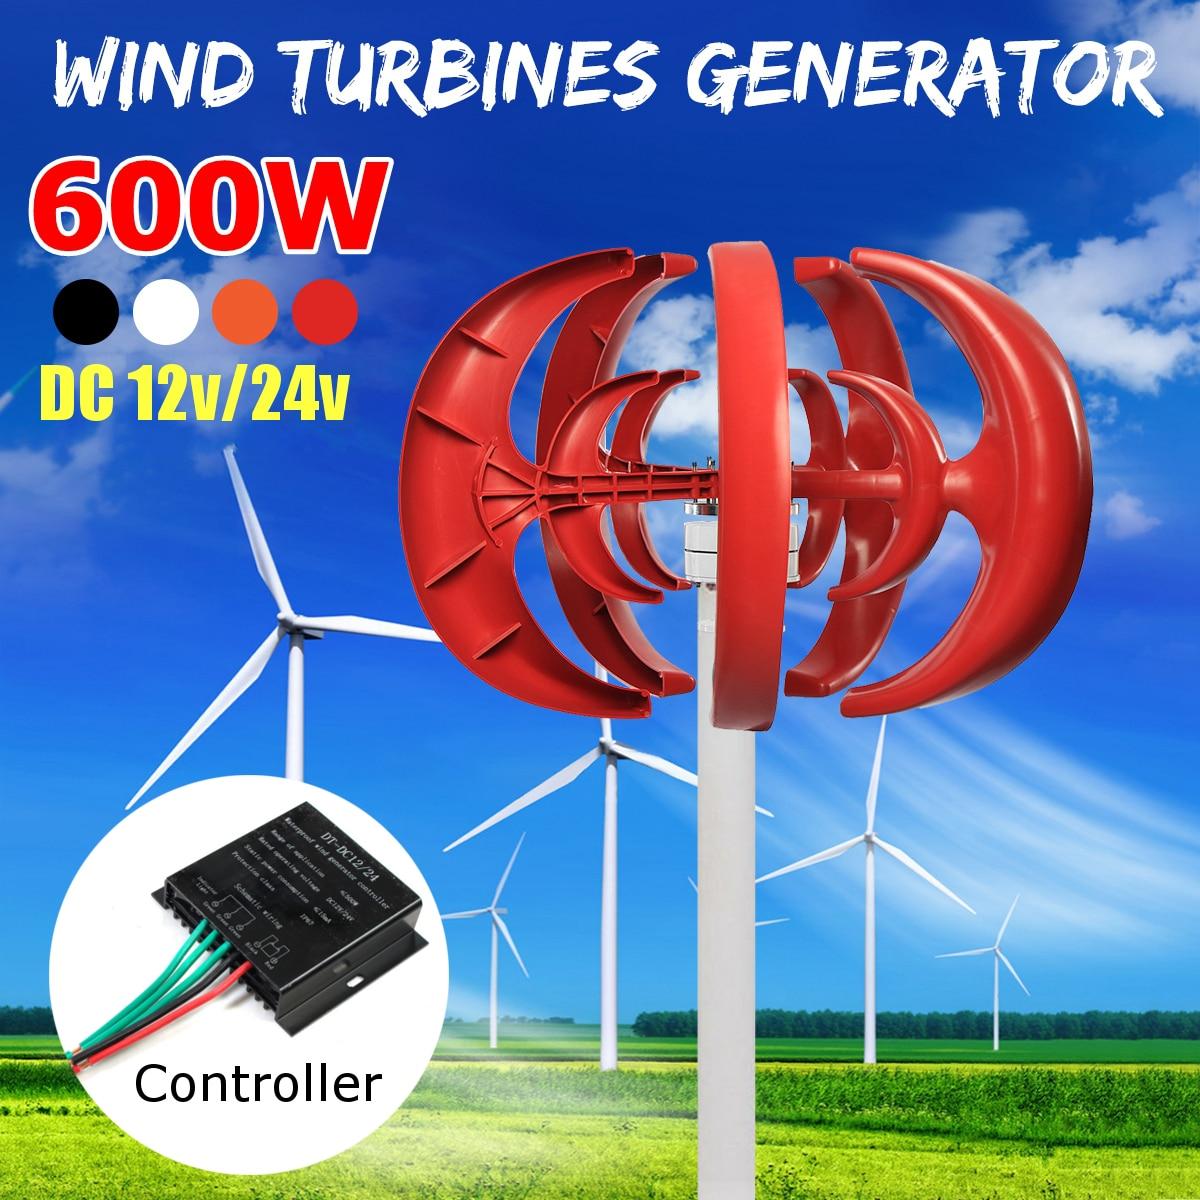 Vent T urbine 500W DC 12/24V combiner avec 600W contrôleur de générateur de vent anglais maison pour une utilisation de réverbère hybride à la maison